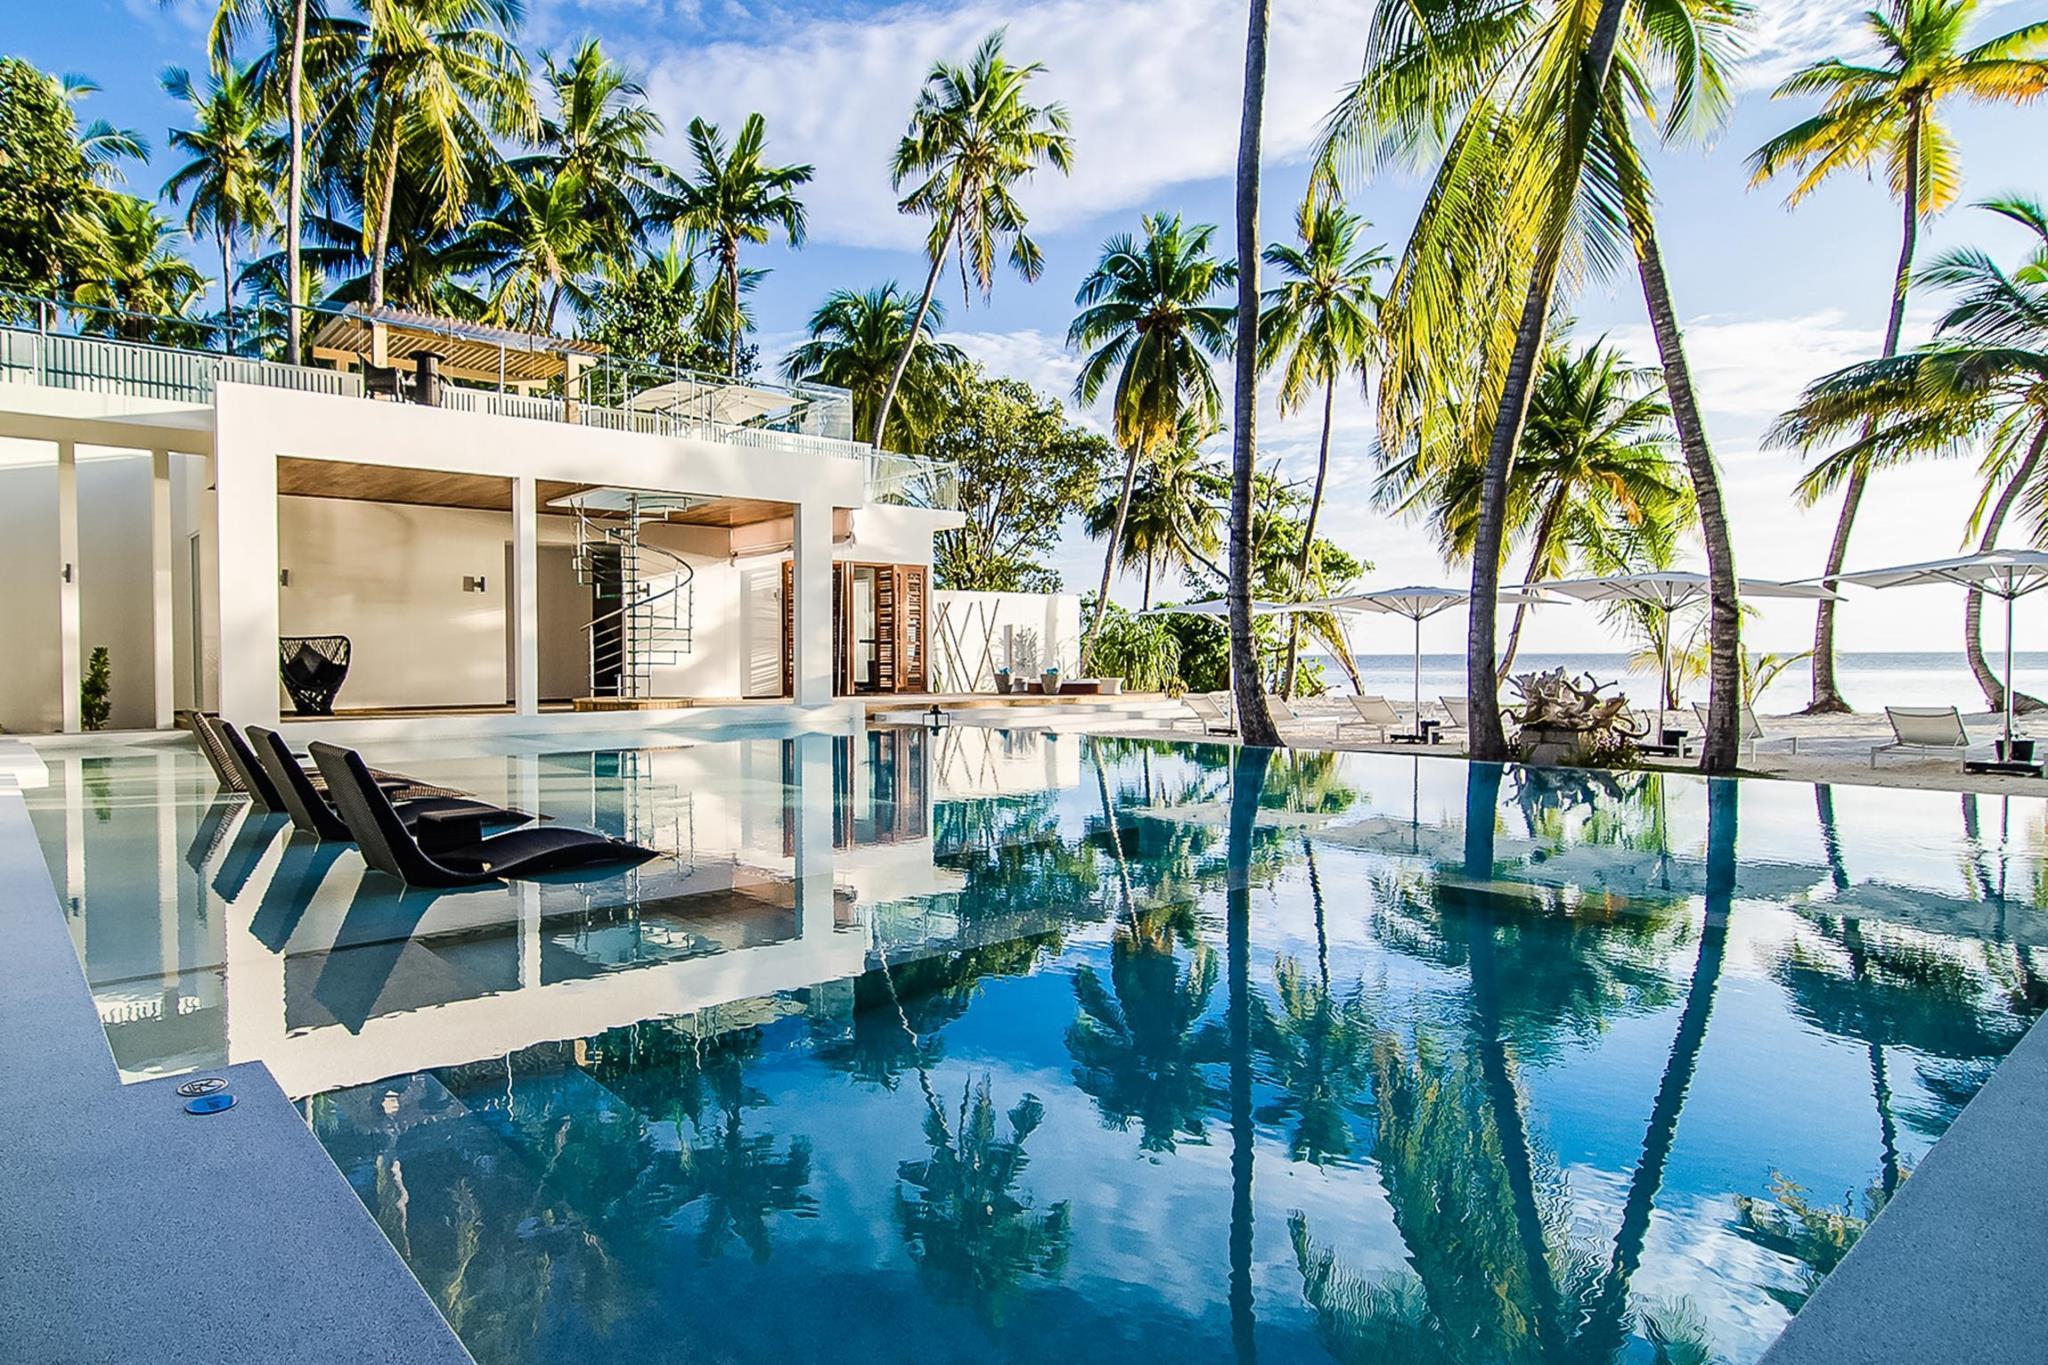 PÚBLICO - Estas propriedades de luxo vão passar a fazer parte da Airbnb